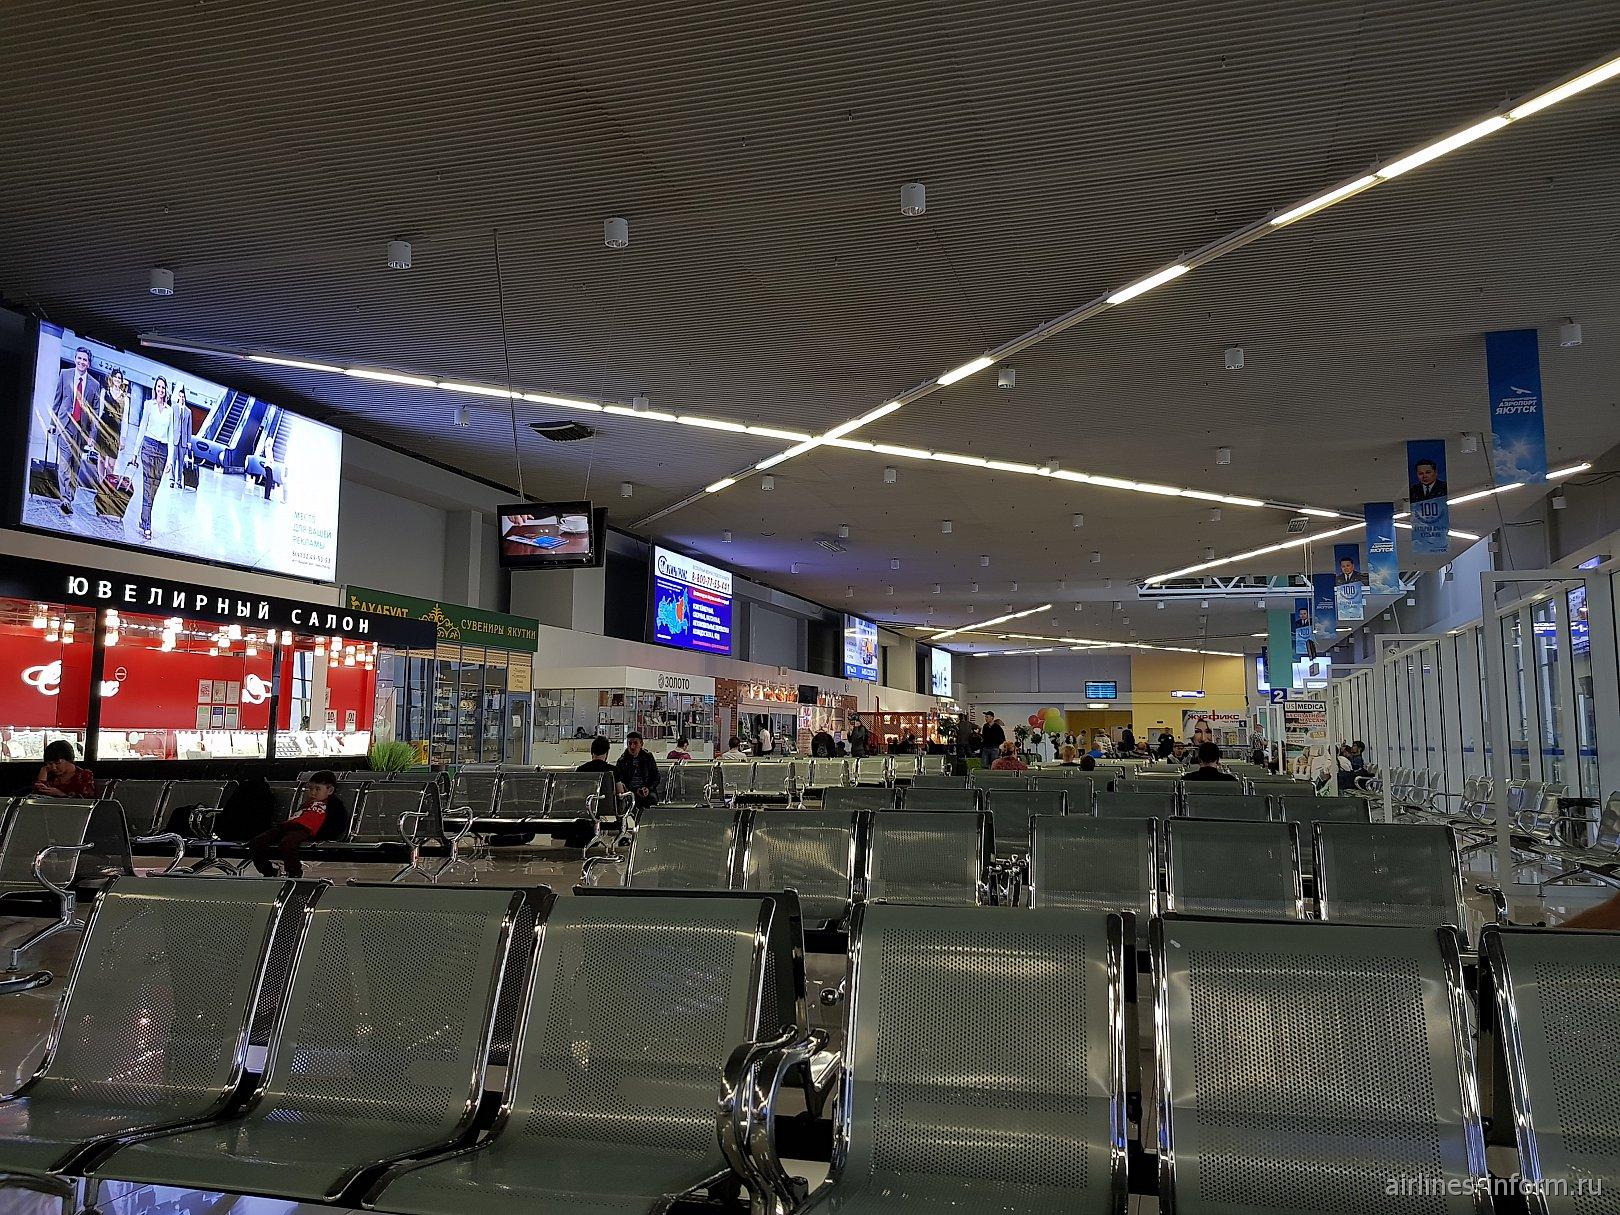 Зал ожидания у выходов на посадку в чистой зоне аэропорта Якутск